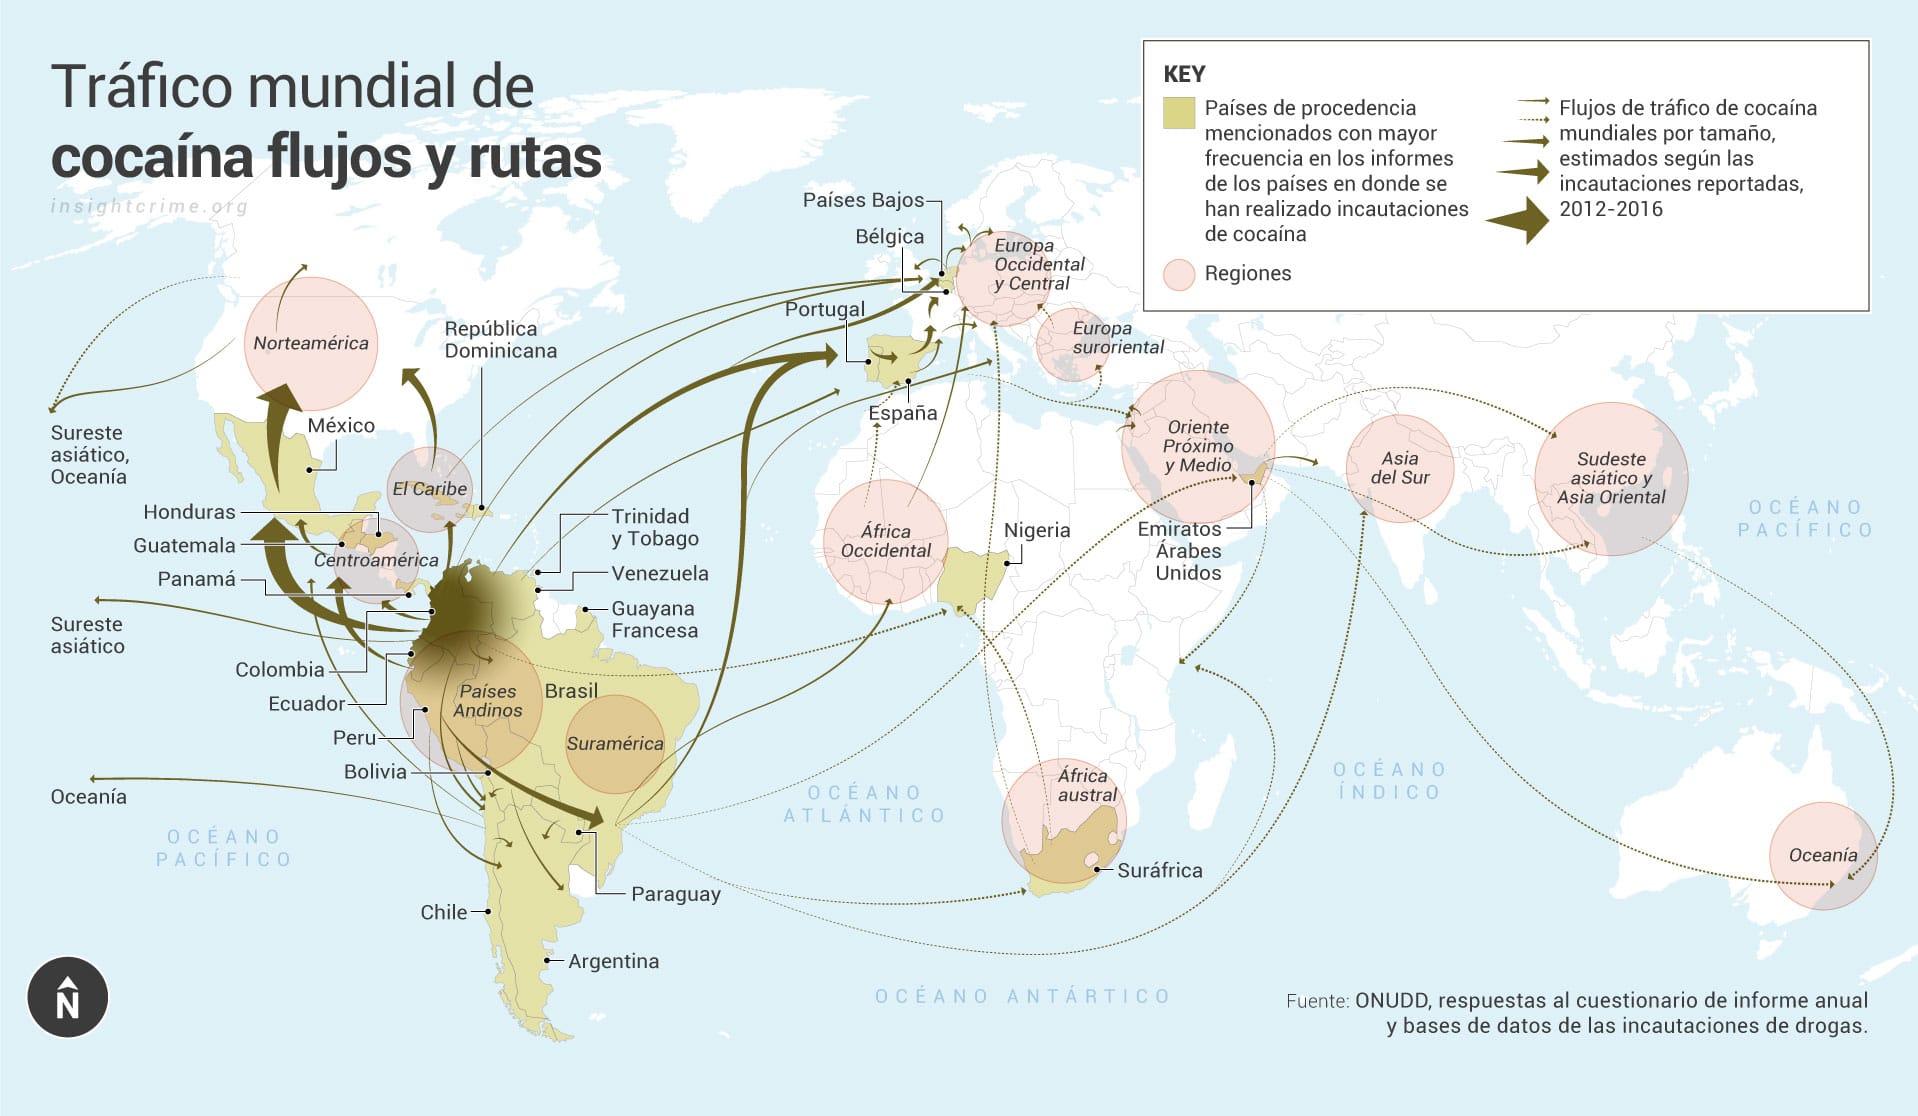 https://es.insightcrime.org/noticias/analisis/gamechangers-2018-5-razones-por-las-que-el-crimen-organizado-crecera-en-latinoamerica-en-2019/